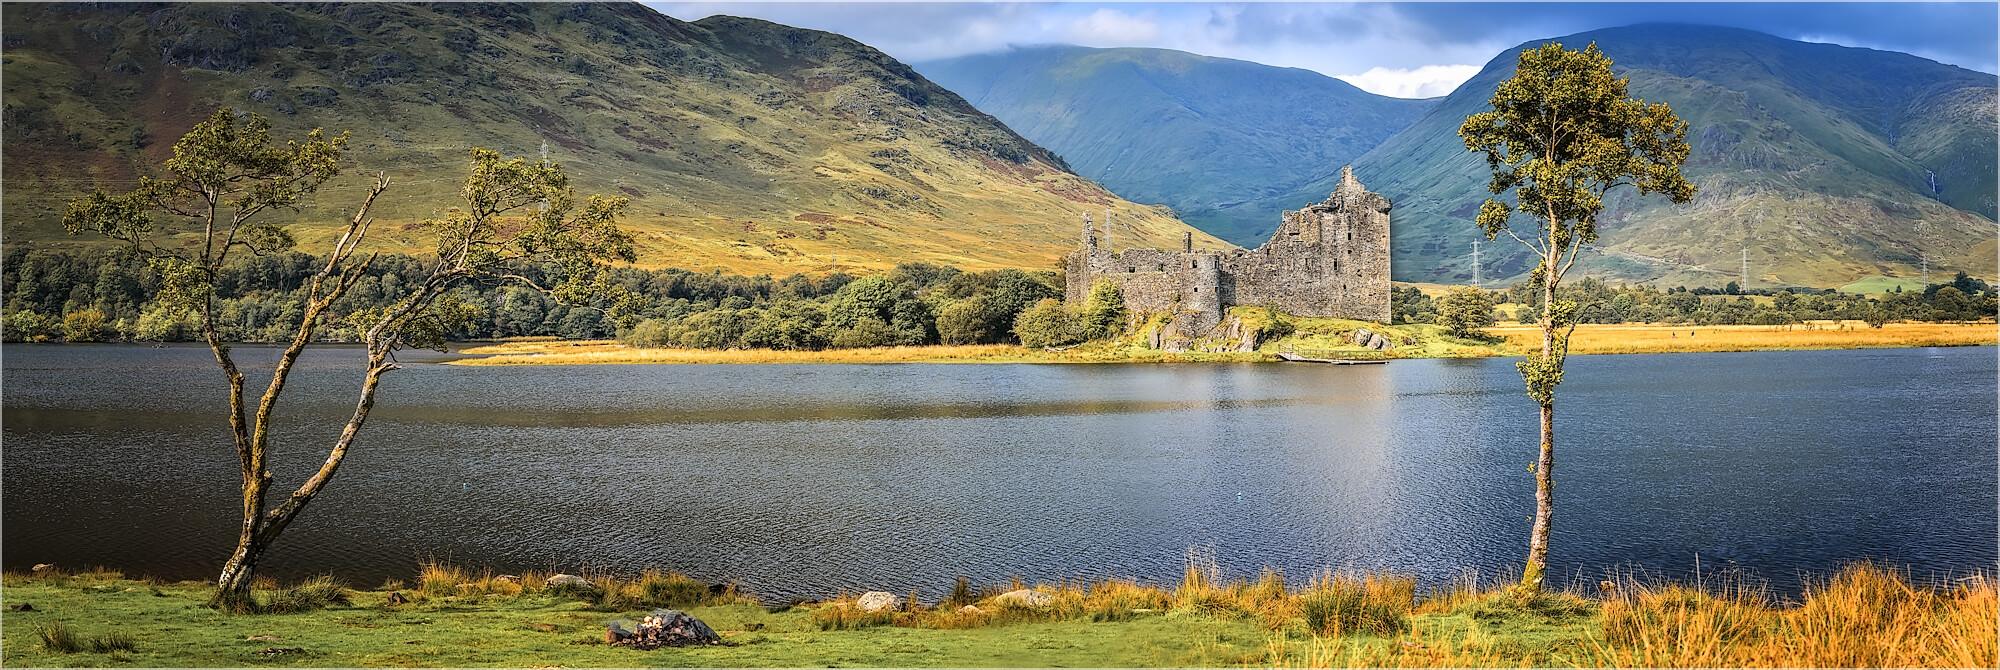 Panoramabild Schottland Loch Awe mit Kilchurn Castle